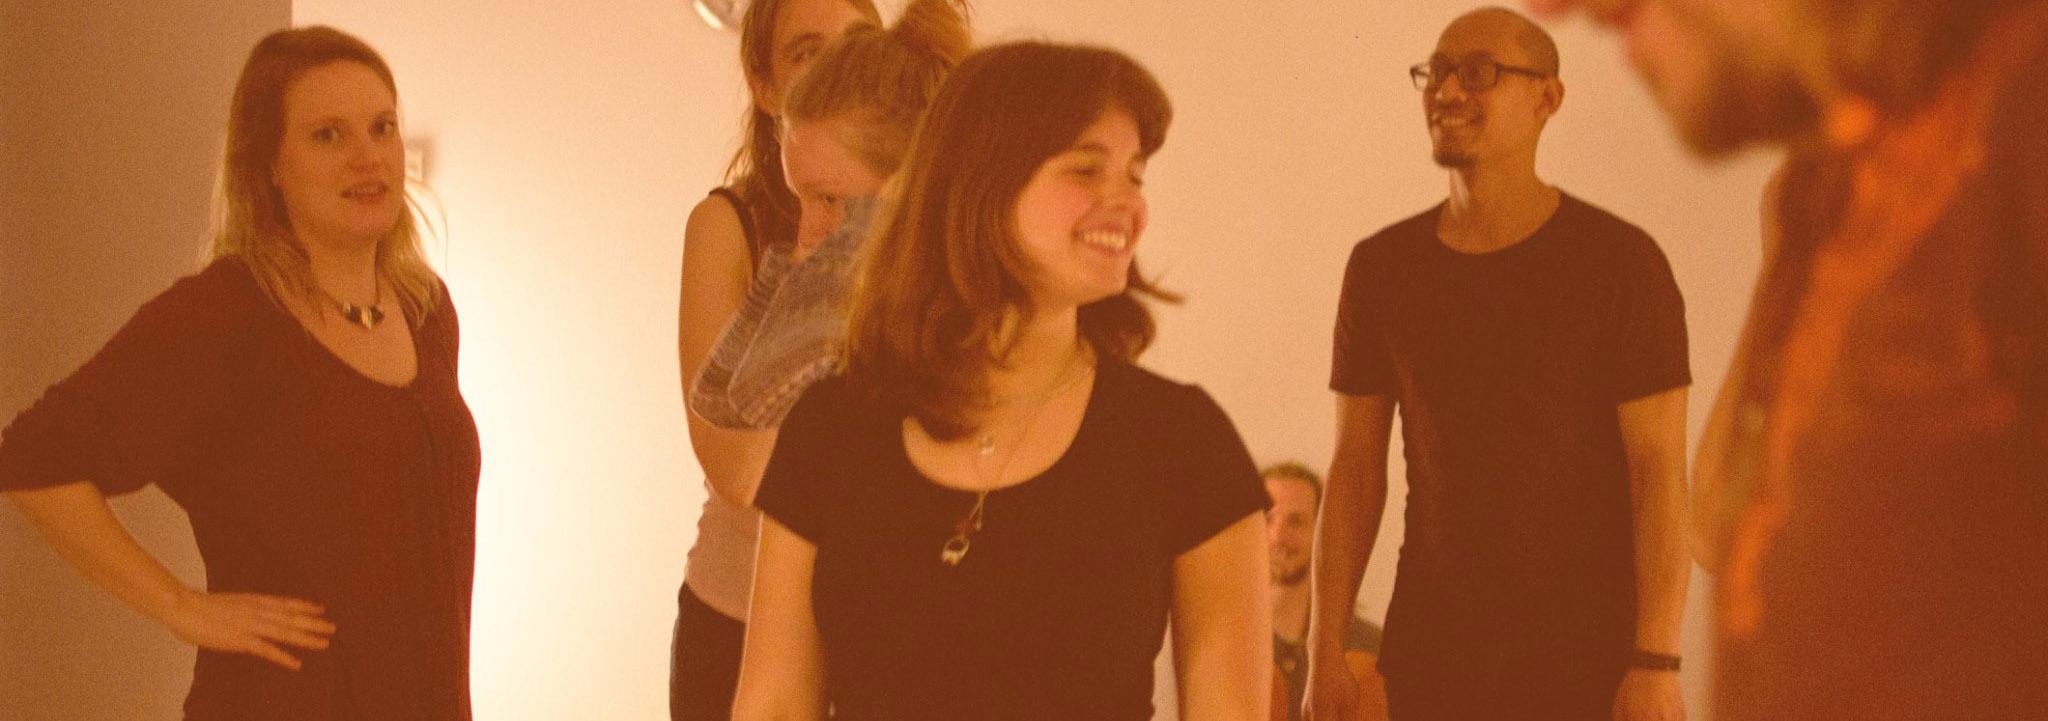 Workshops-EJ-DenHaag